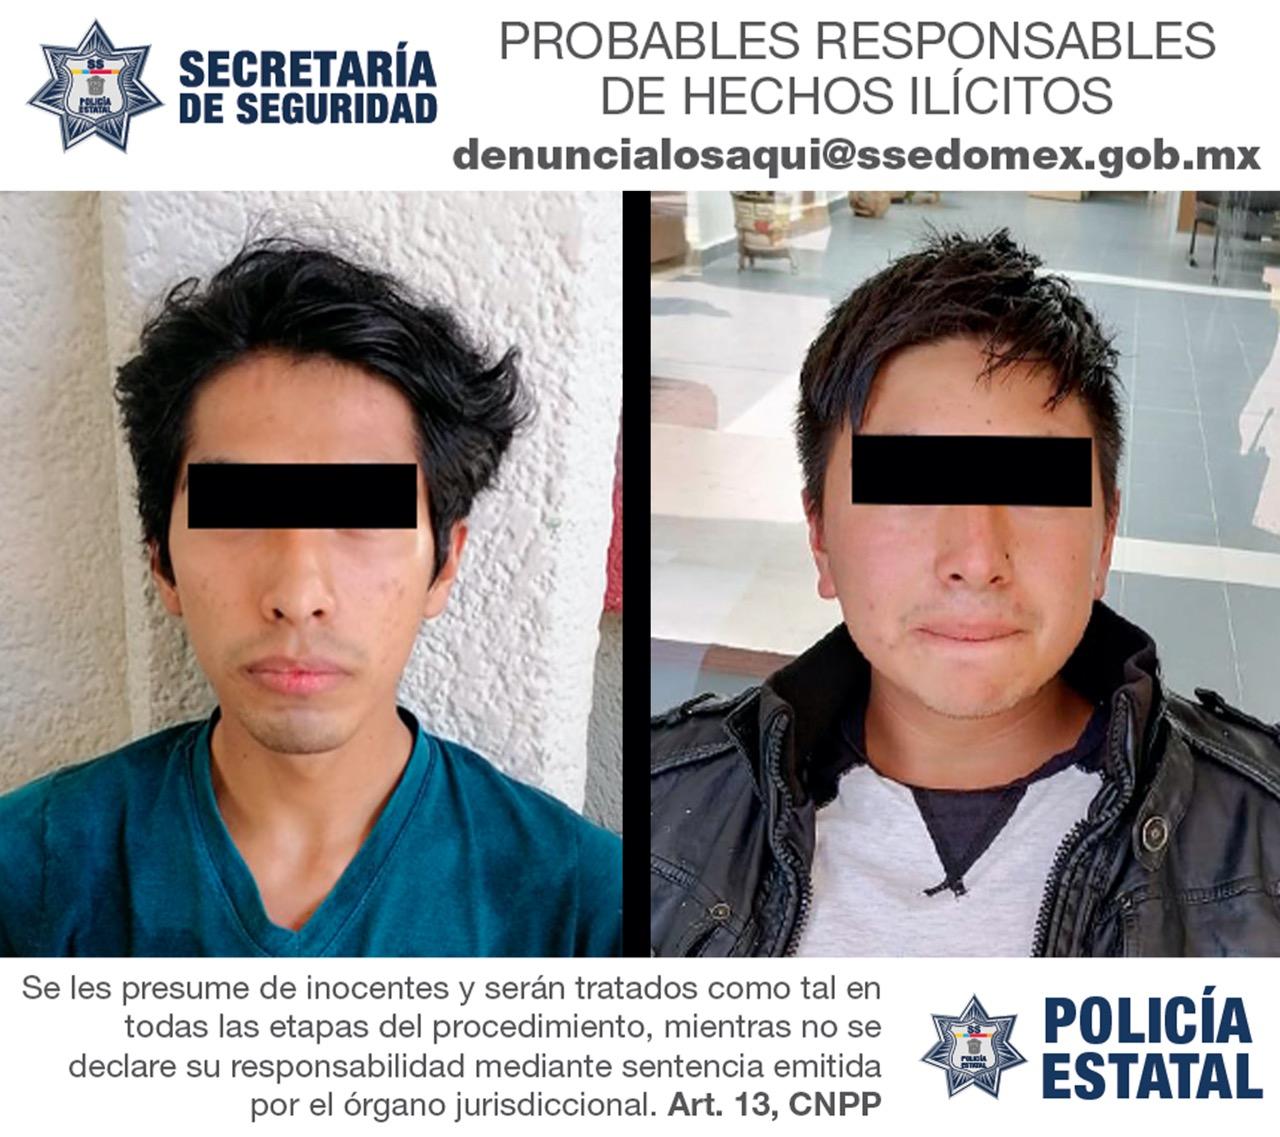 DETIENEN A DOS PROBABLES RESPONSABLES DEL DELITO DE PRIVACIÓN ILEGAL DE LA LIBERTAD